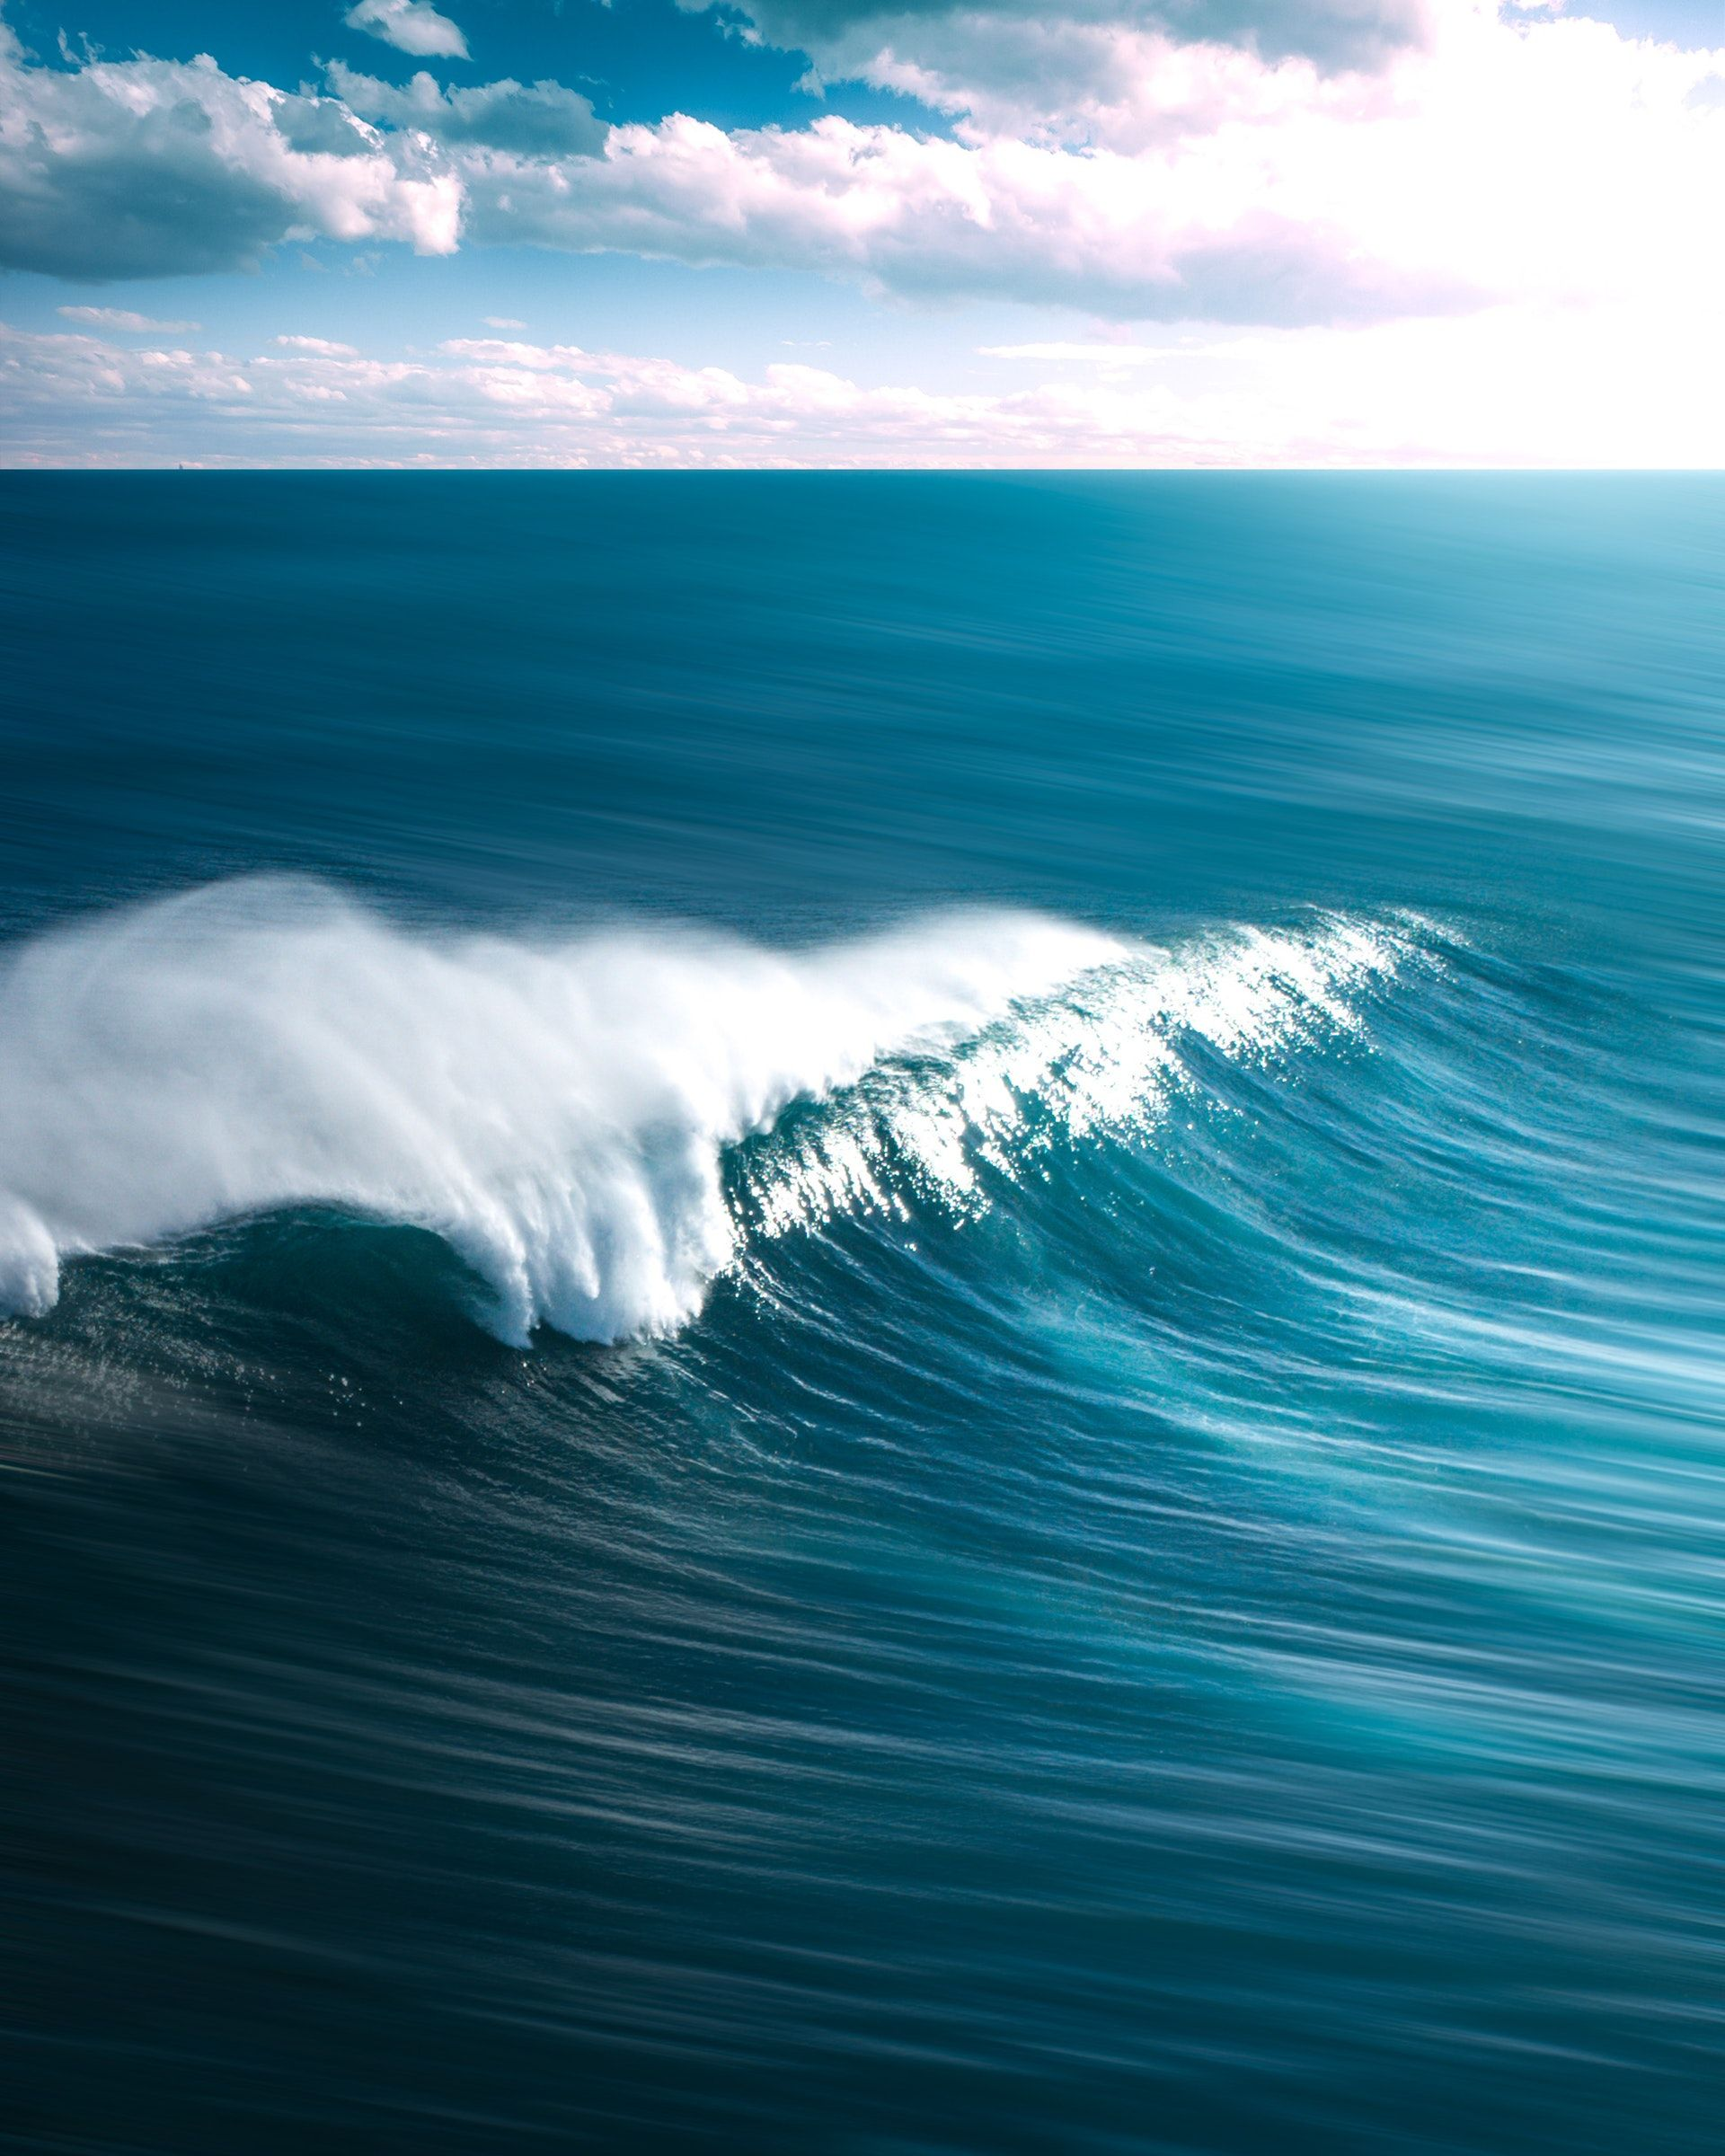 عکس زمینه موج اقیانوس پس زمینه